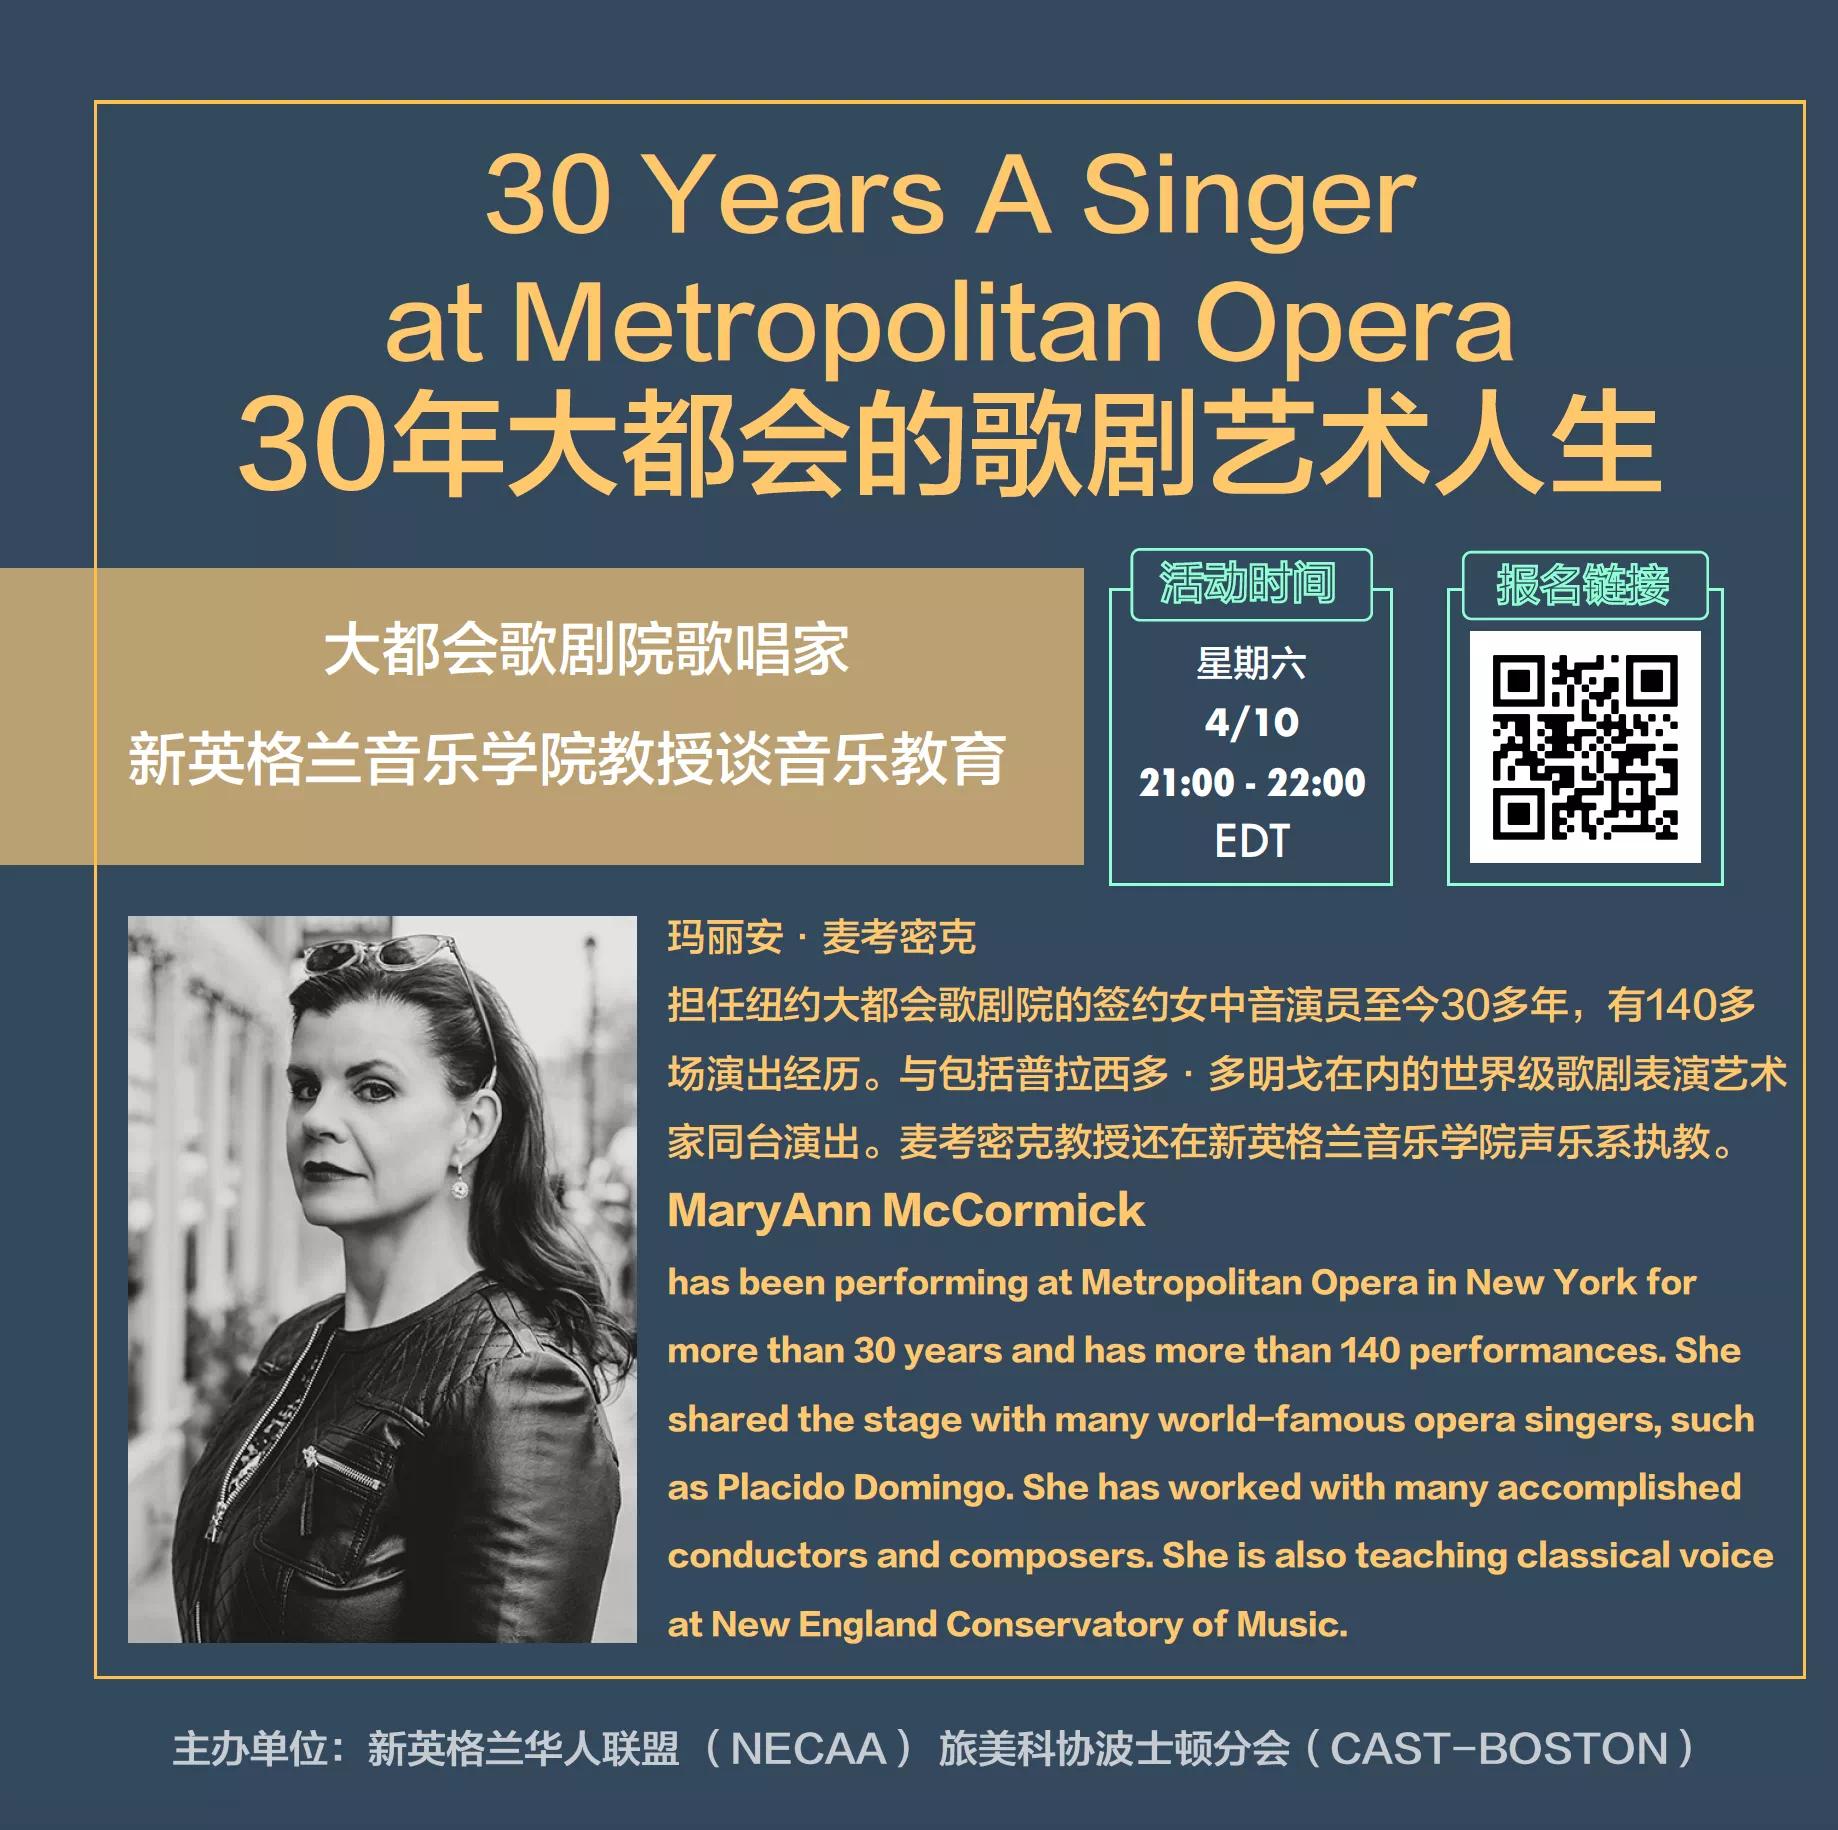 旅美科协波士顿分会高端人文系列开讲 歌剧家畅谈30年大都会的歌剧艺术人生